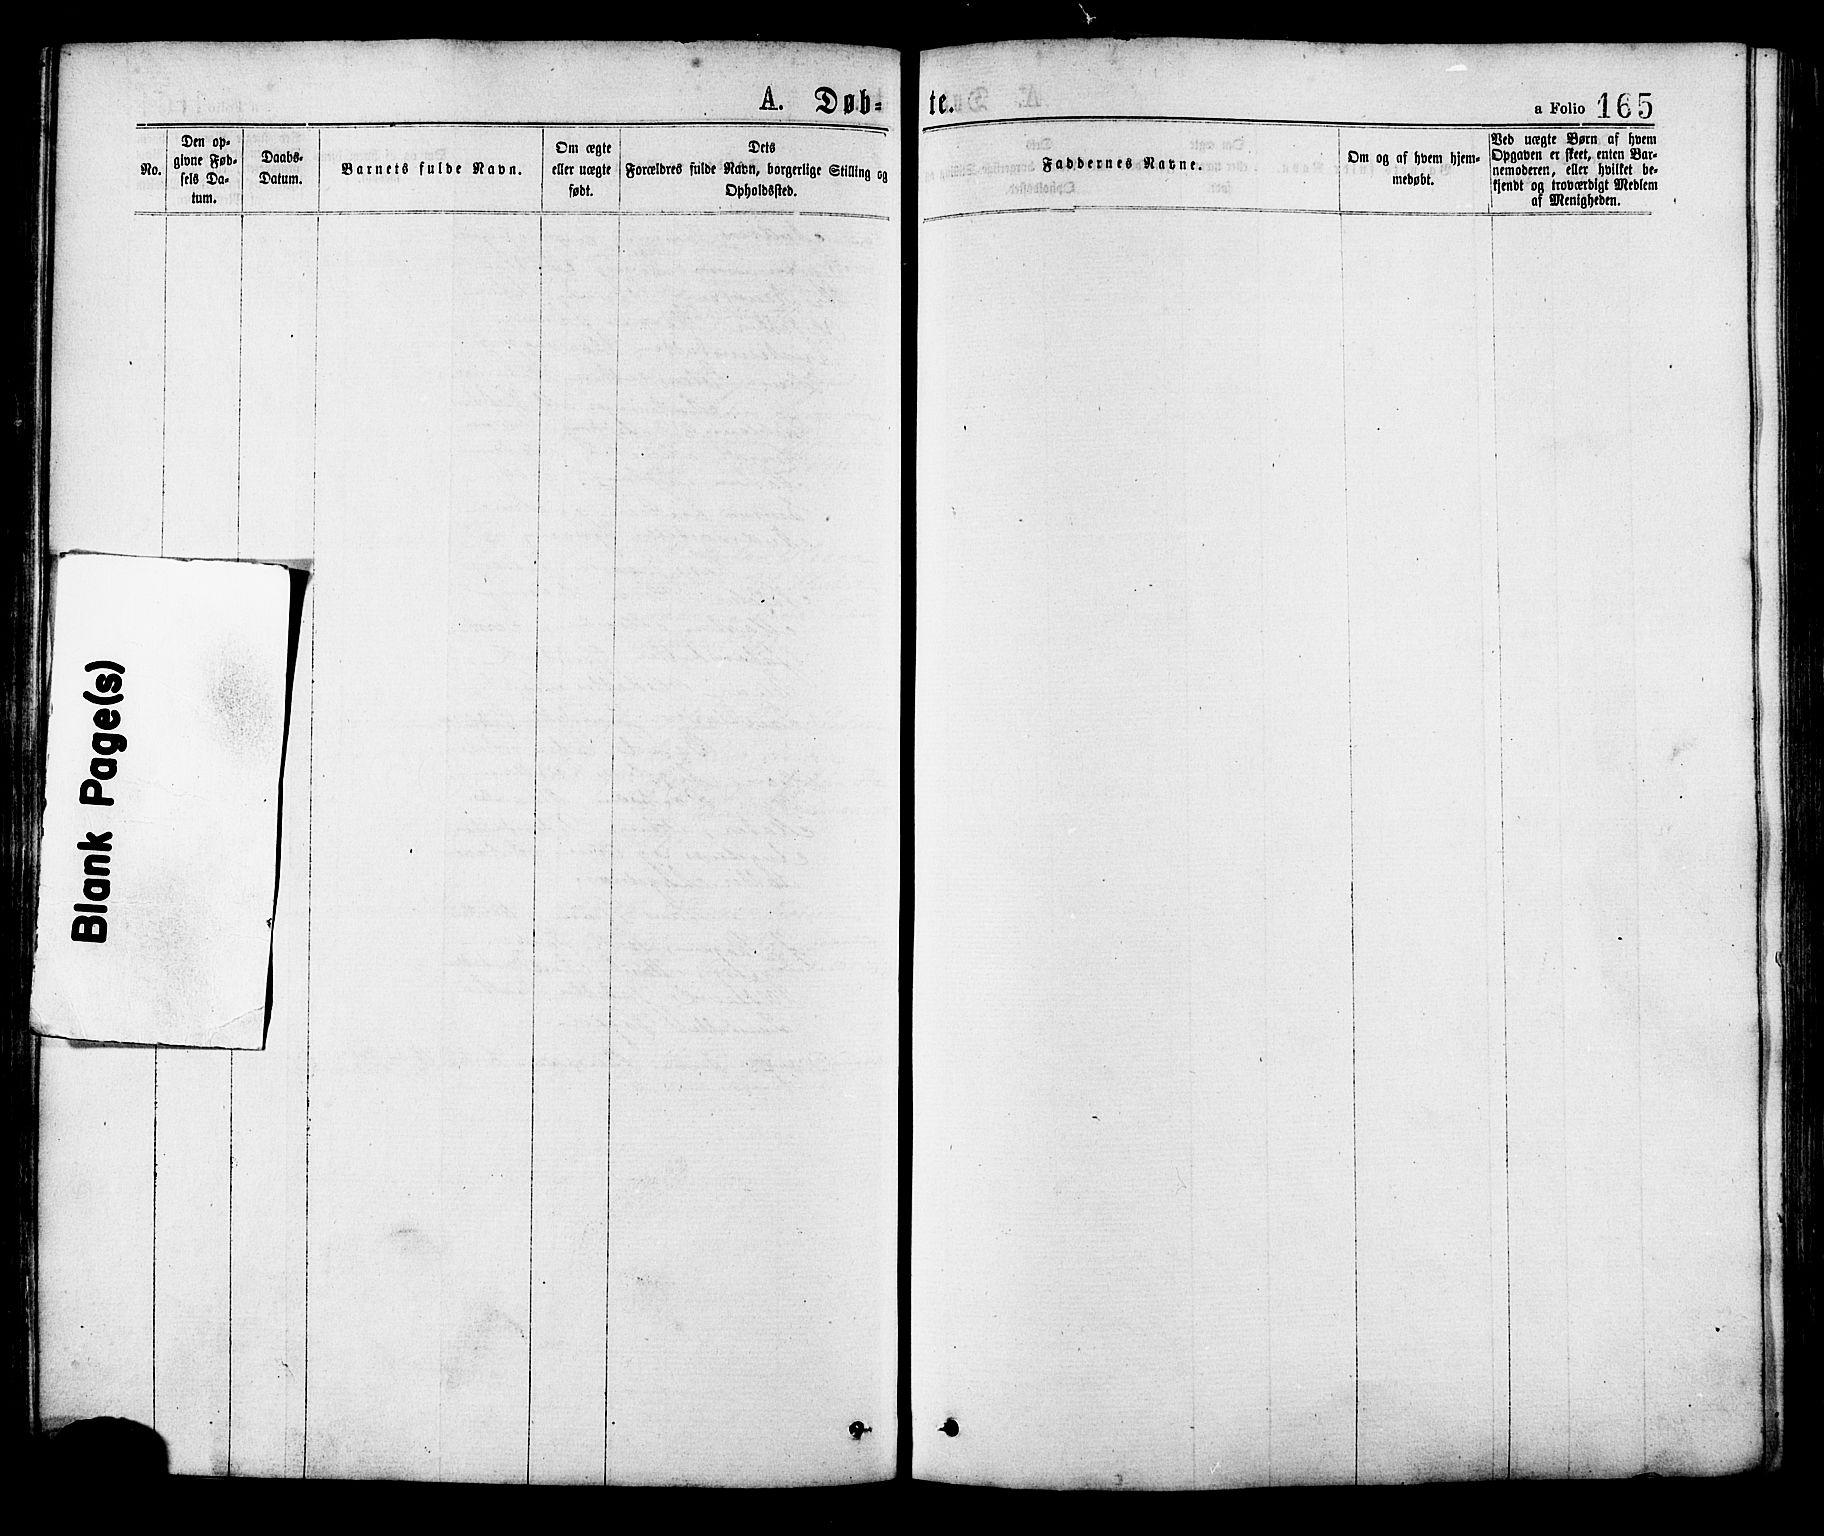 SAT, Ministerialprotokoller, klokkerbøker og fødselsregistre - Sør-Trøndelag, 634/L0532: Ministerialbok nr. 634A08, 1871-1881, s. 165